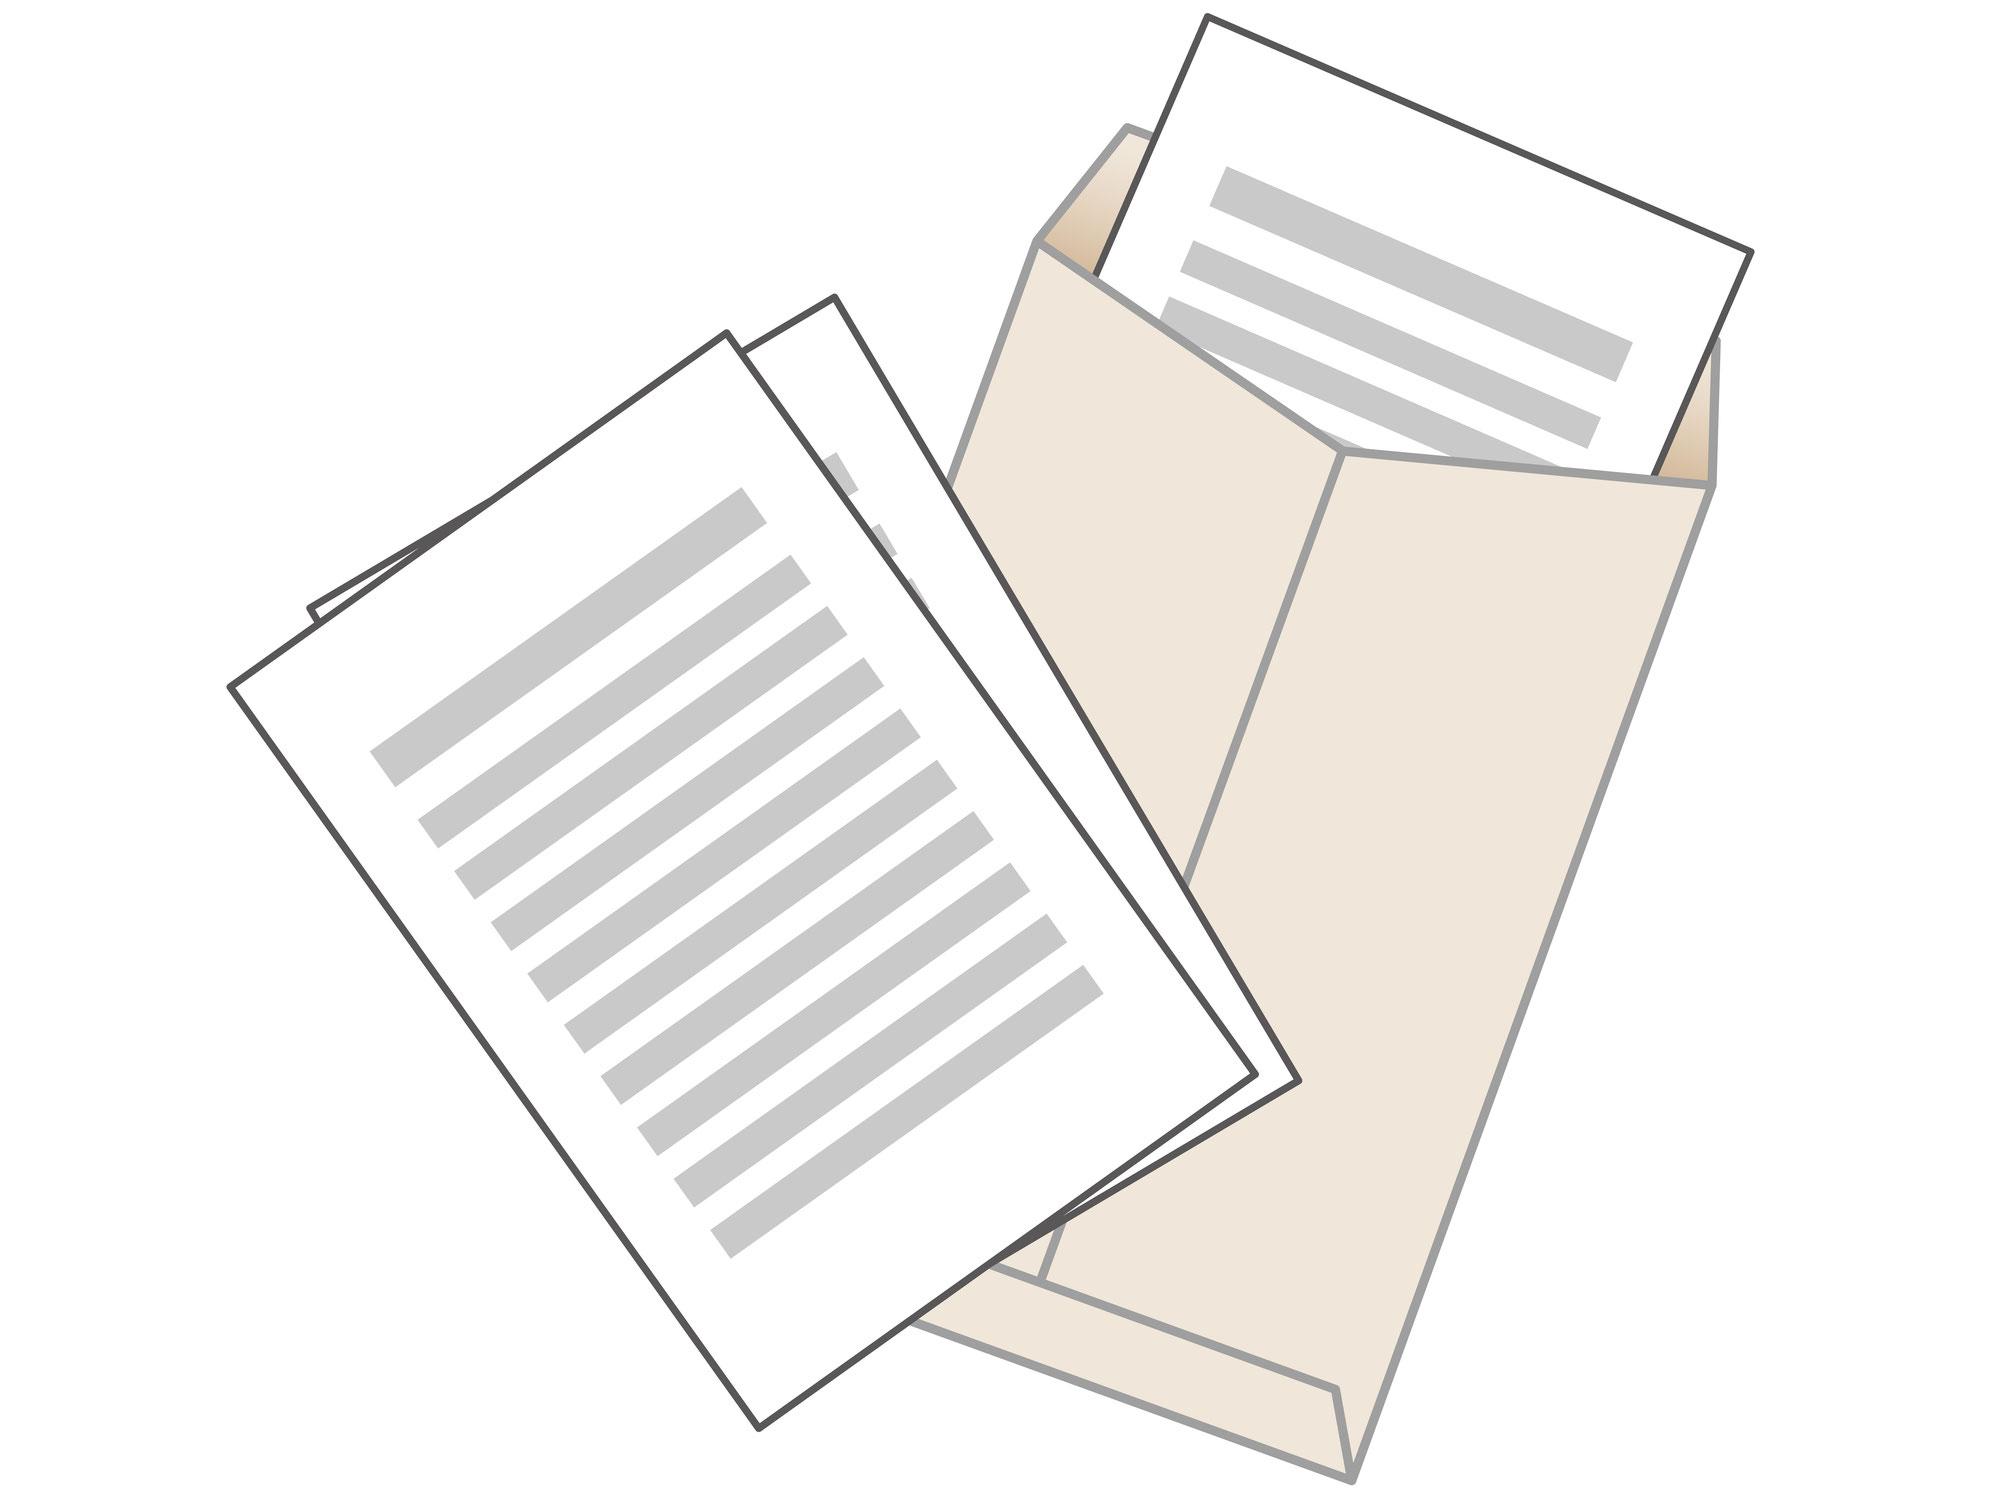 独身証明書の請求方法